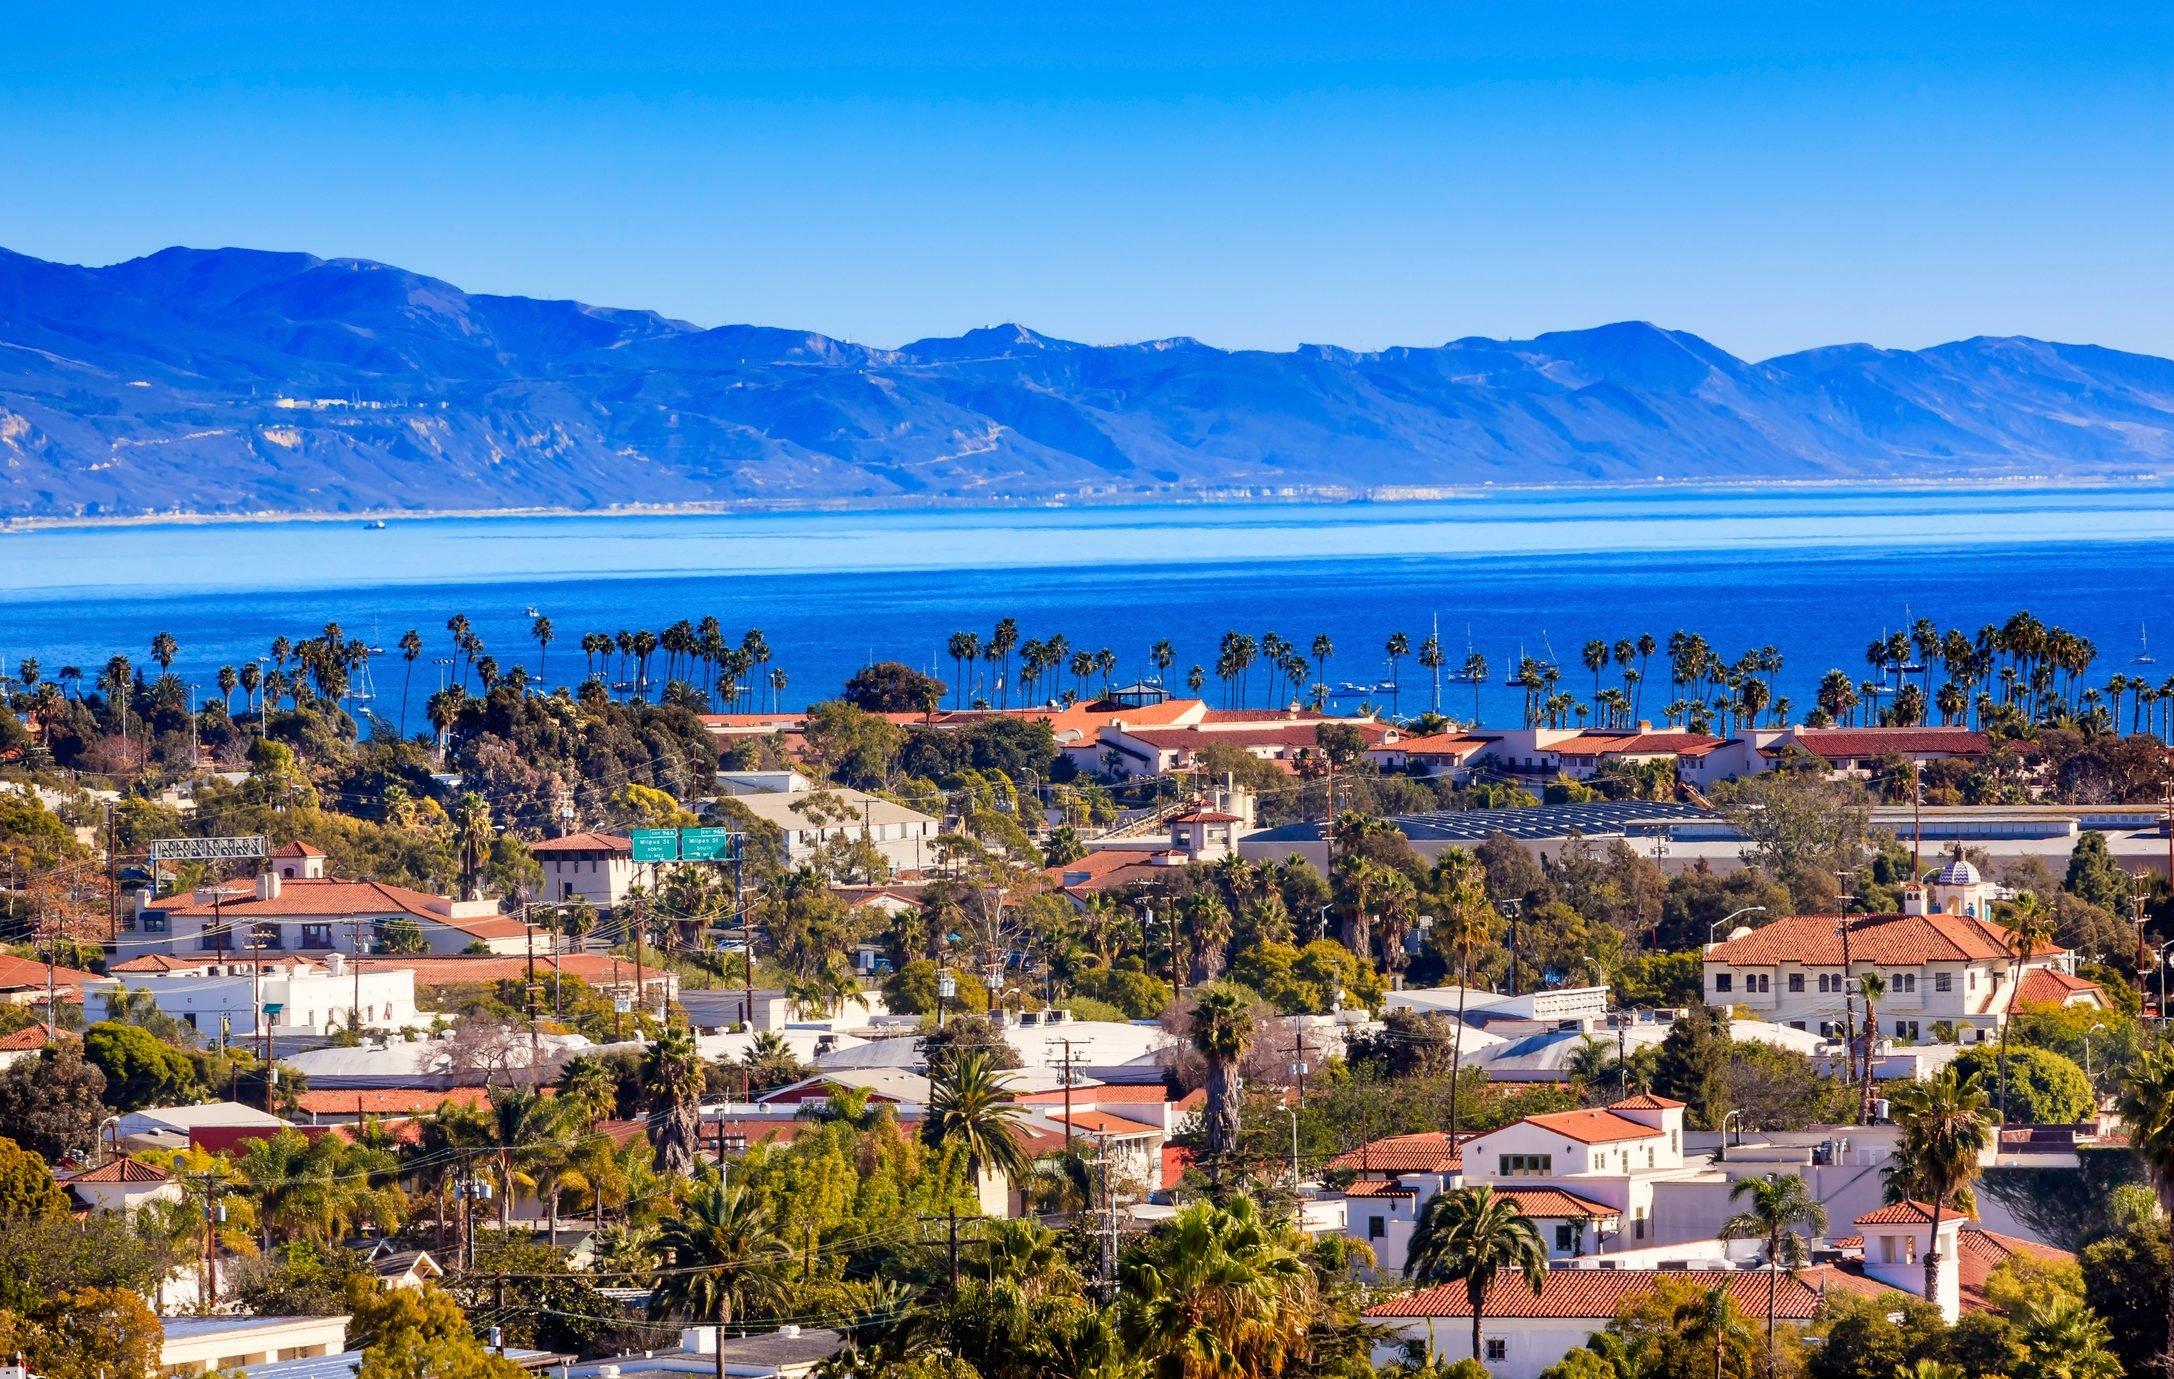 Buildings Coastline Pacific Ocean Santa Barbara California